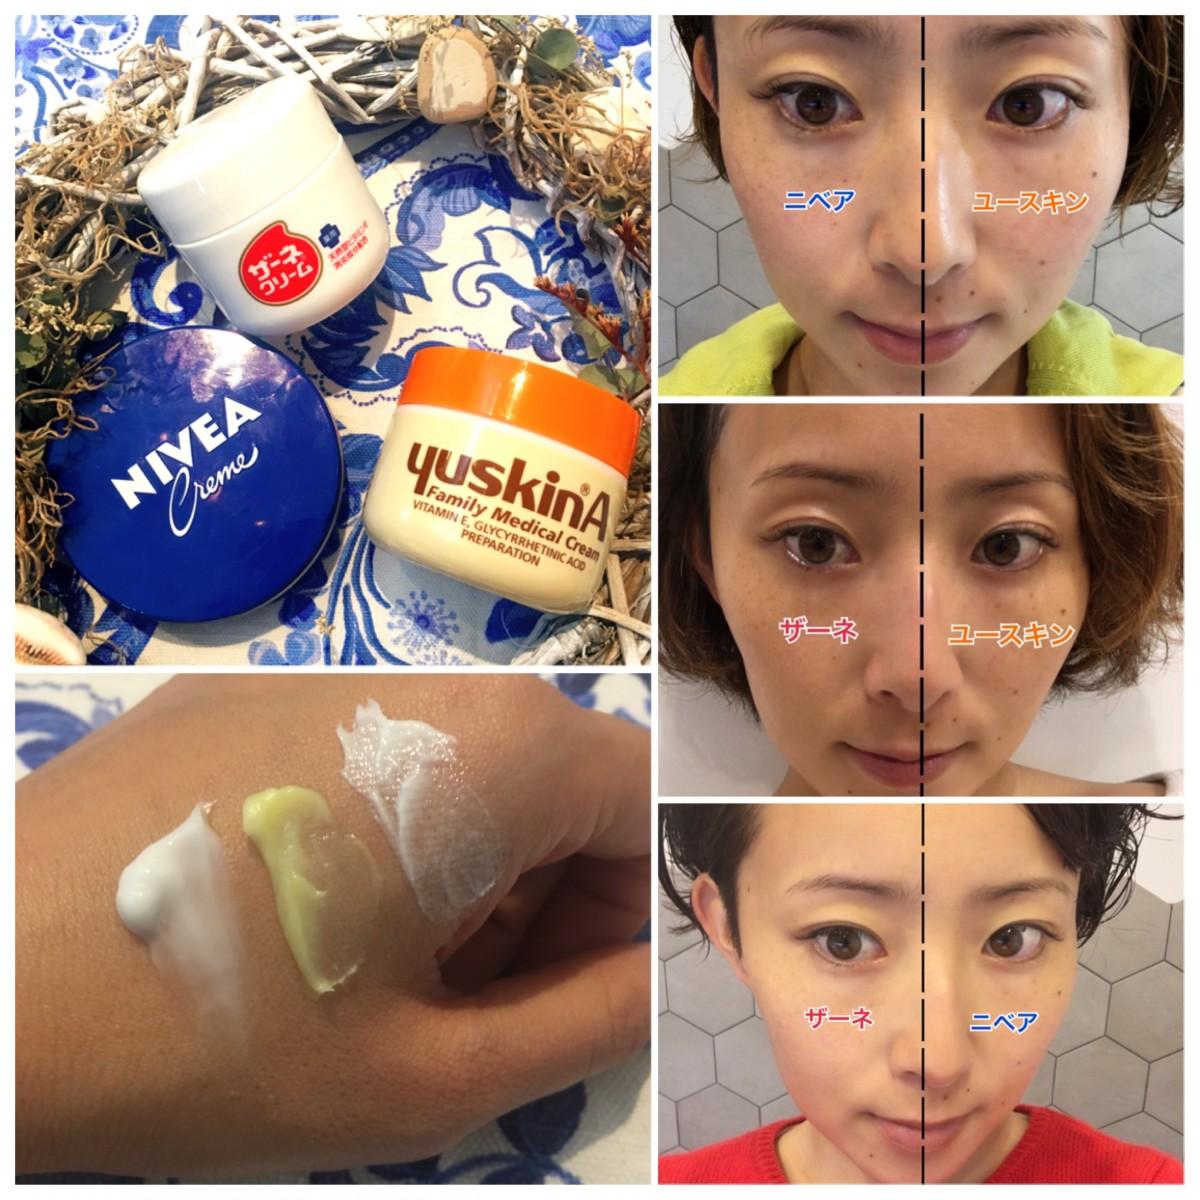 3大!人気のプチプラ保湿クリーム徹底検証〈つっぱり乾燥肌Ayako編〉